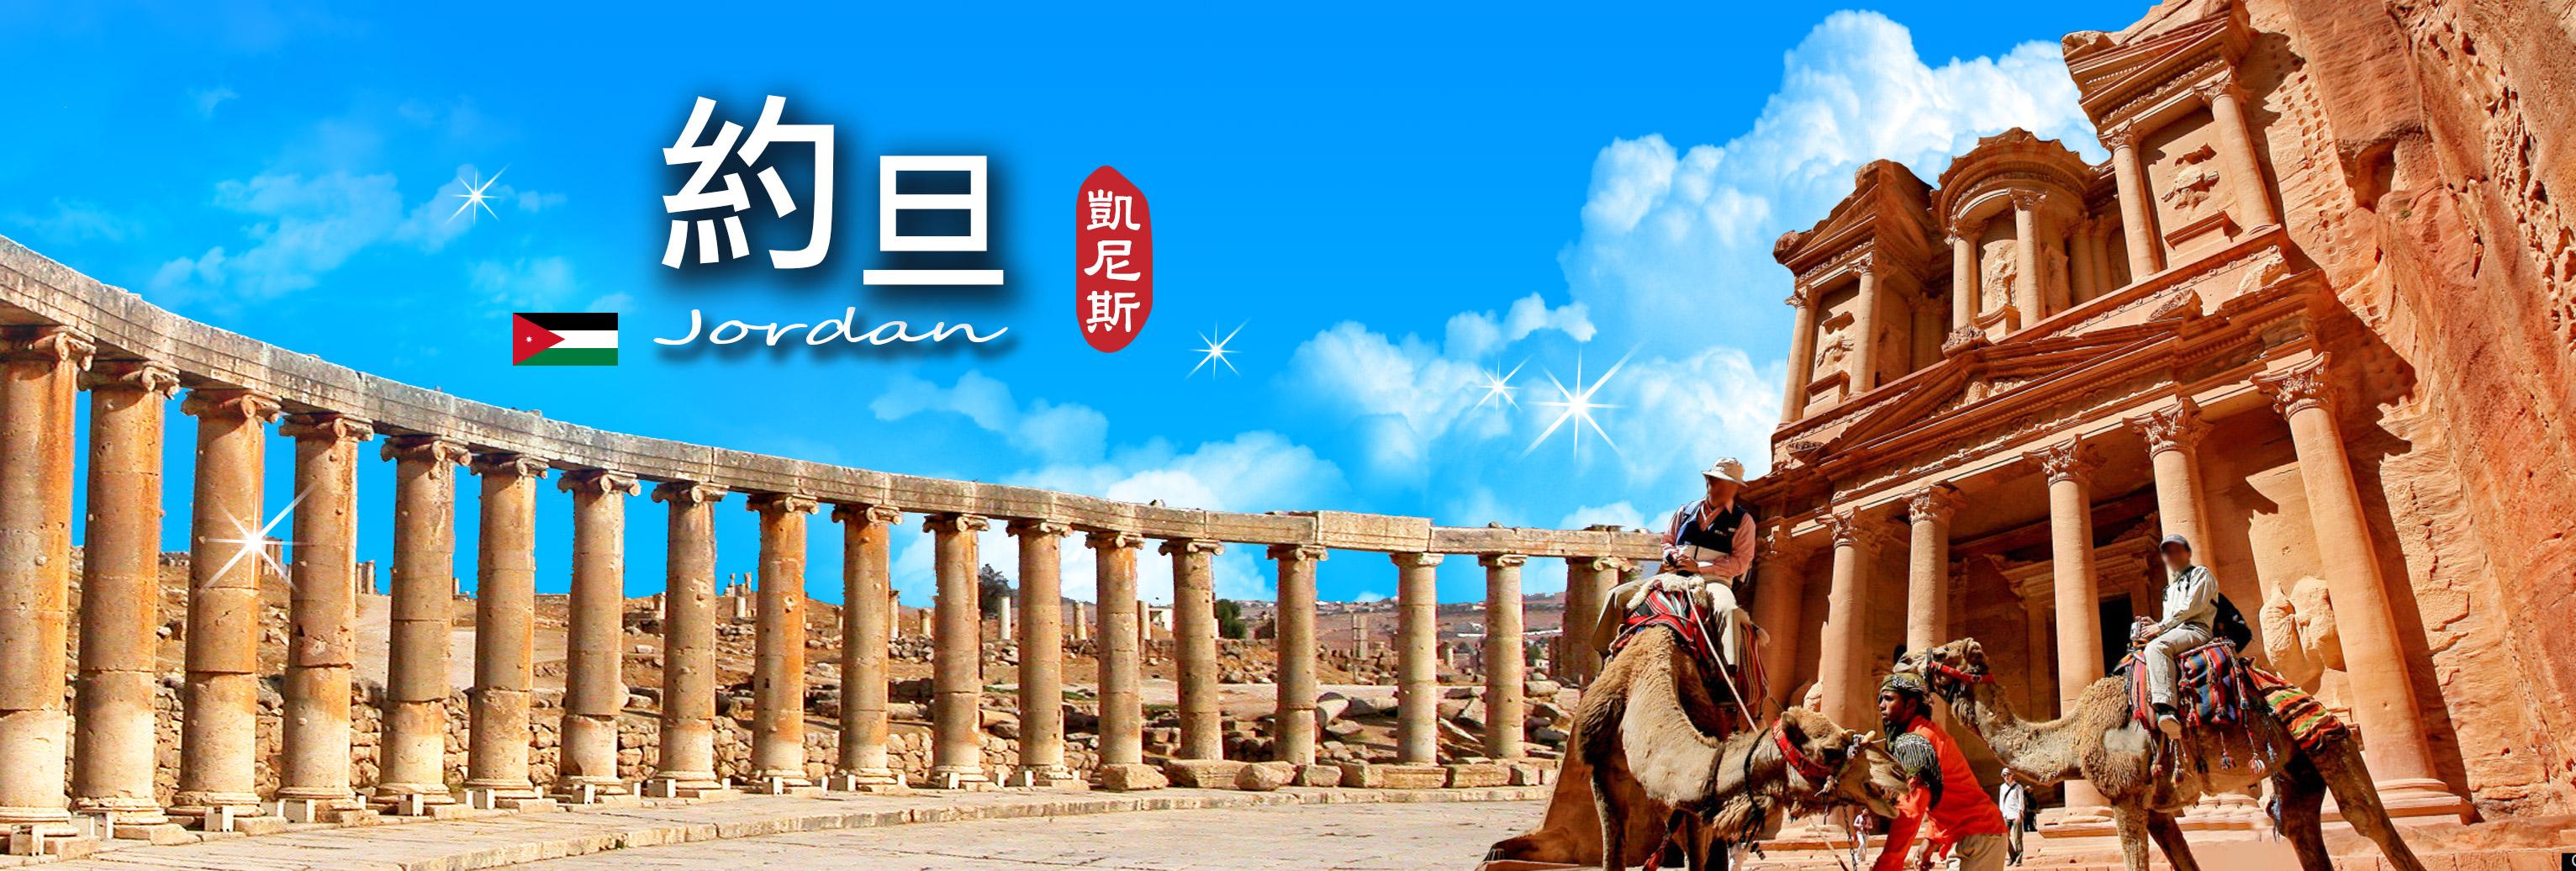 約旦旅遊行程